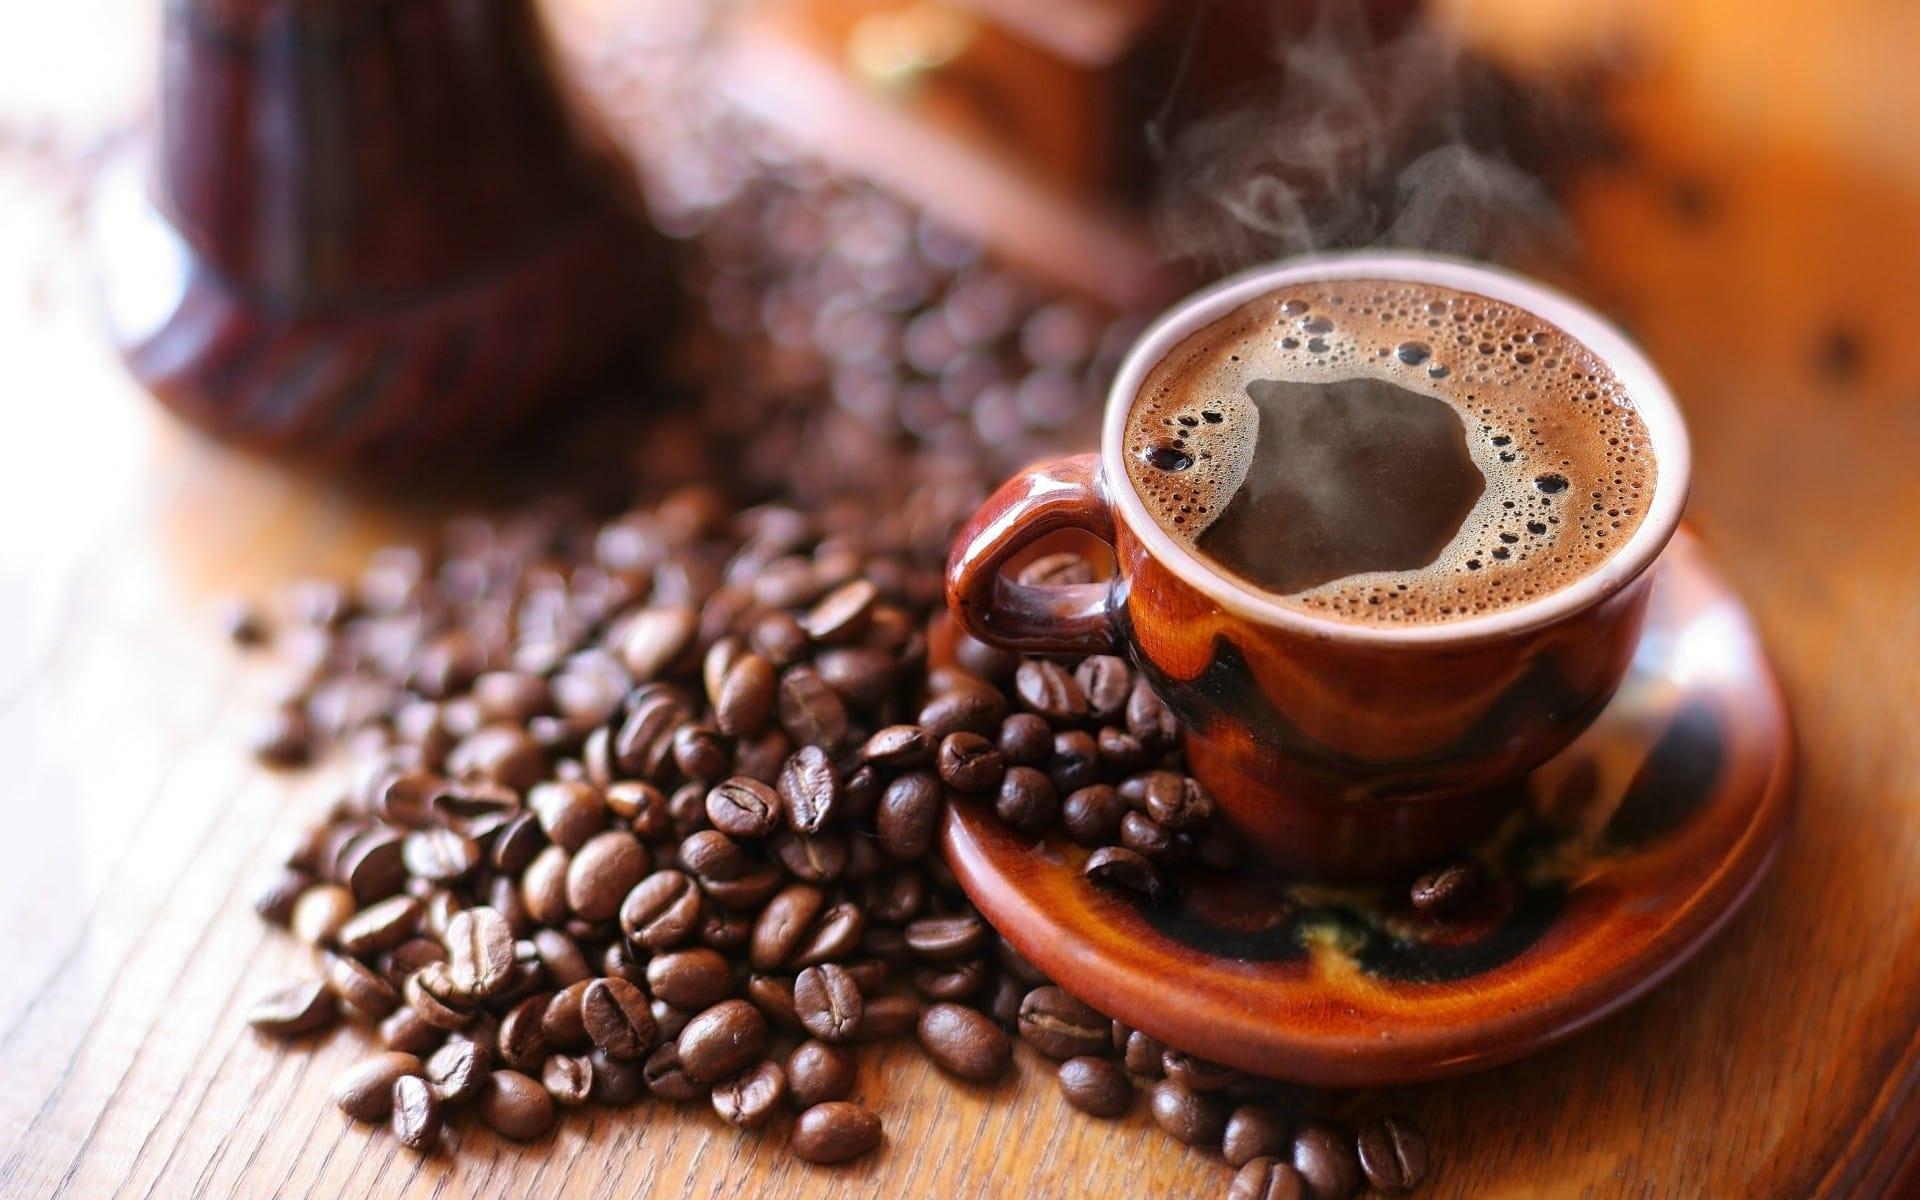 cung-cap-cafe-gia-si-o-dau-co-gia-thanh-hop-li-nhat-02